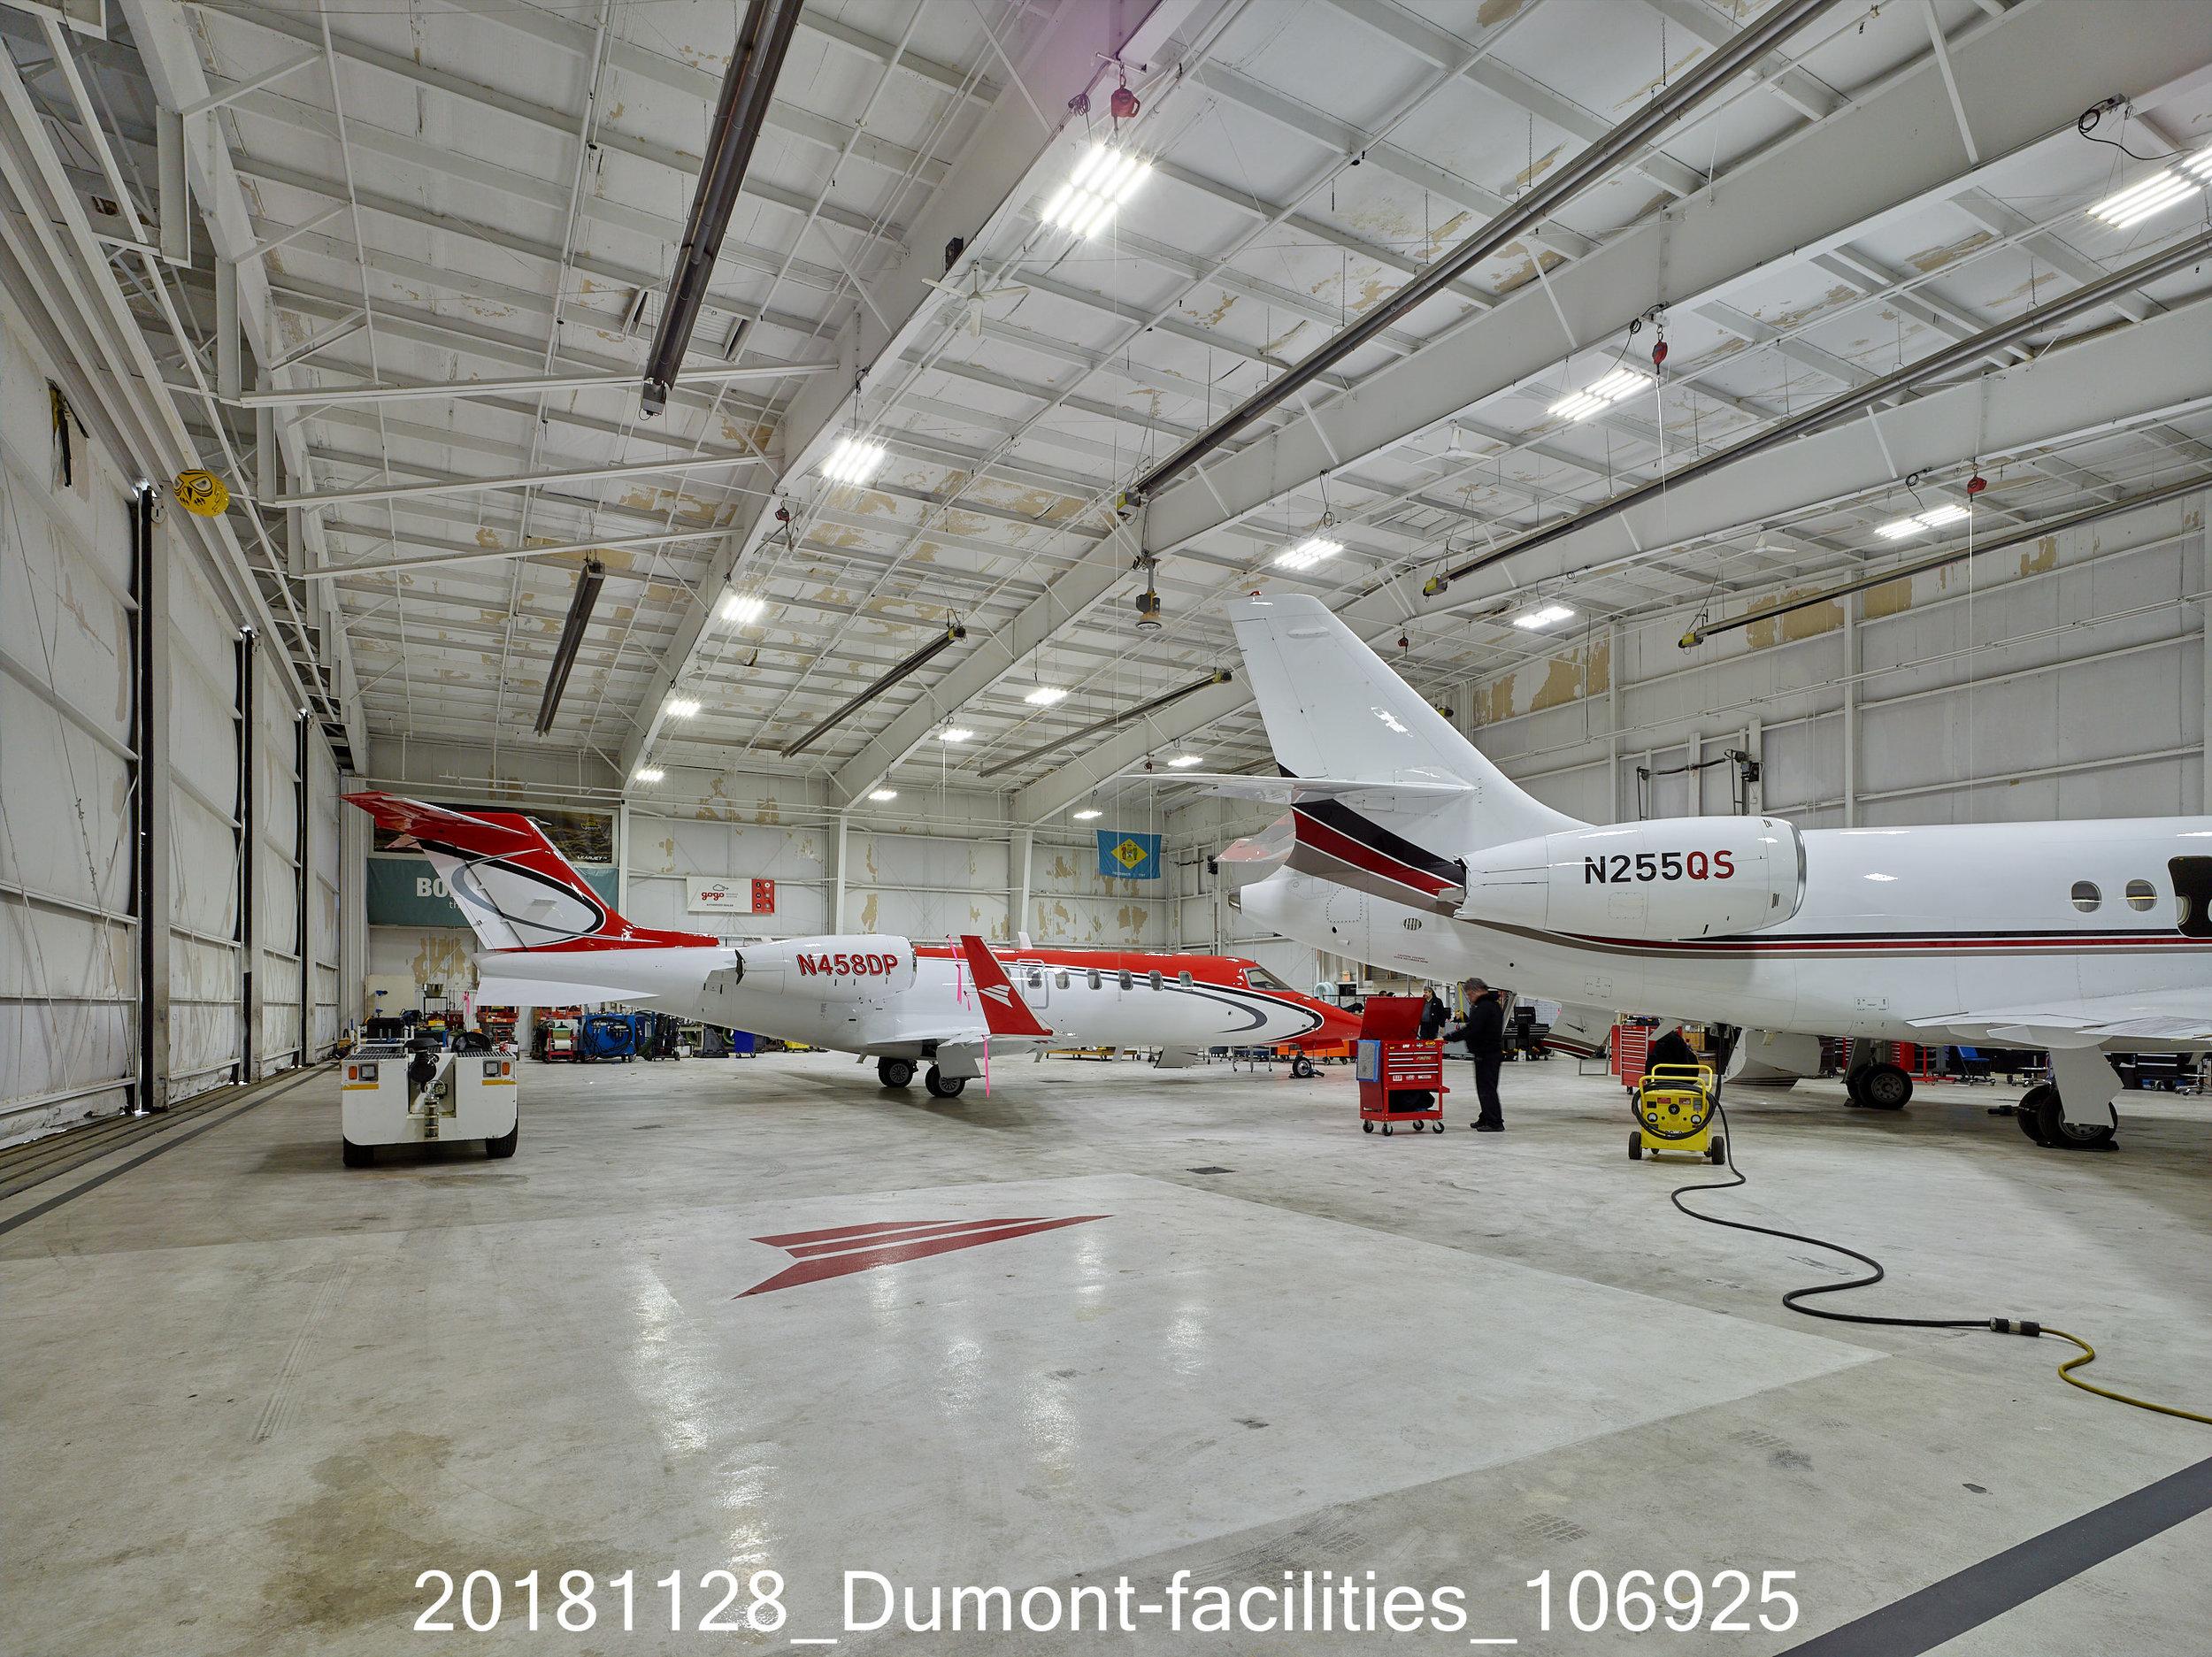 20181128_Dumont-facilities_106925.jpg